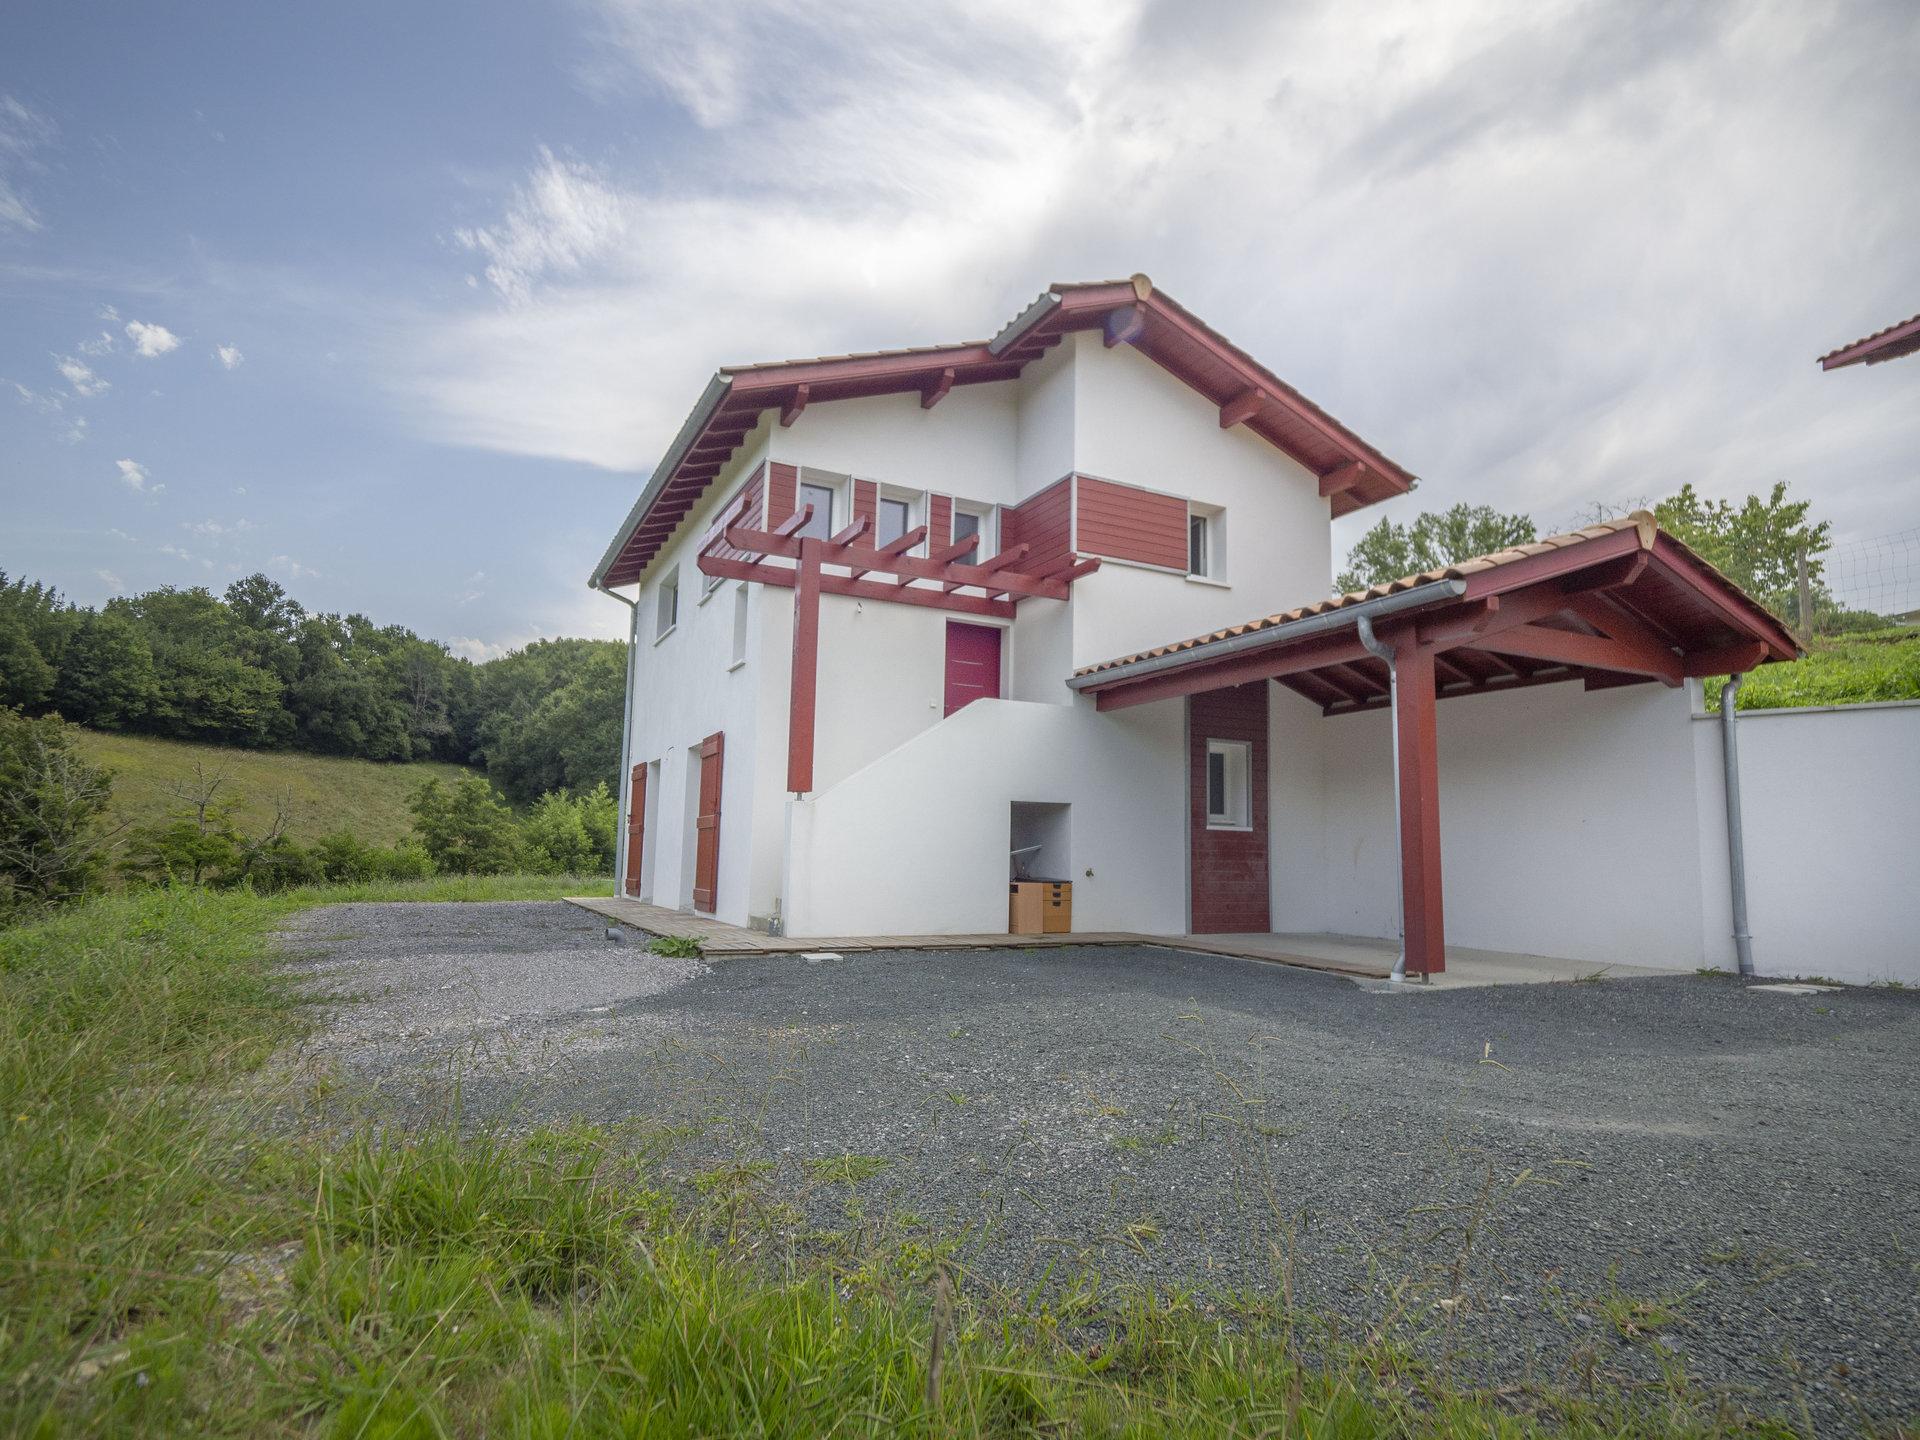 EXCLUSIVITE Maison avec 1,4ha de terrain